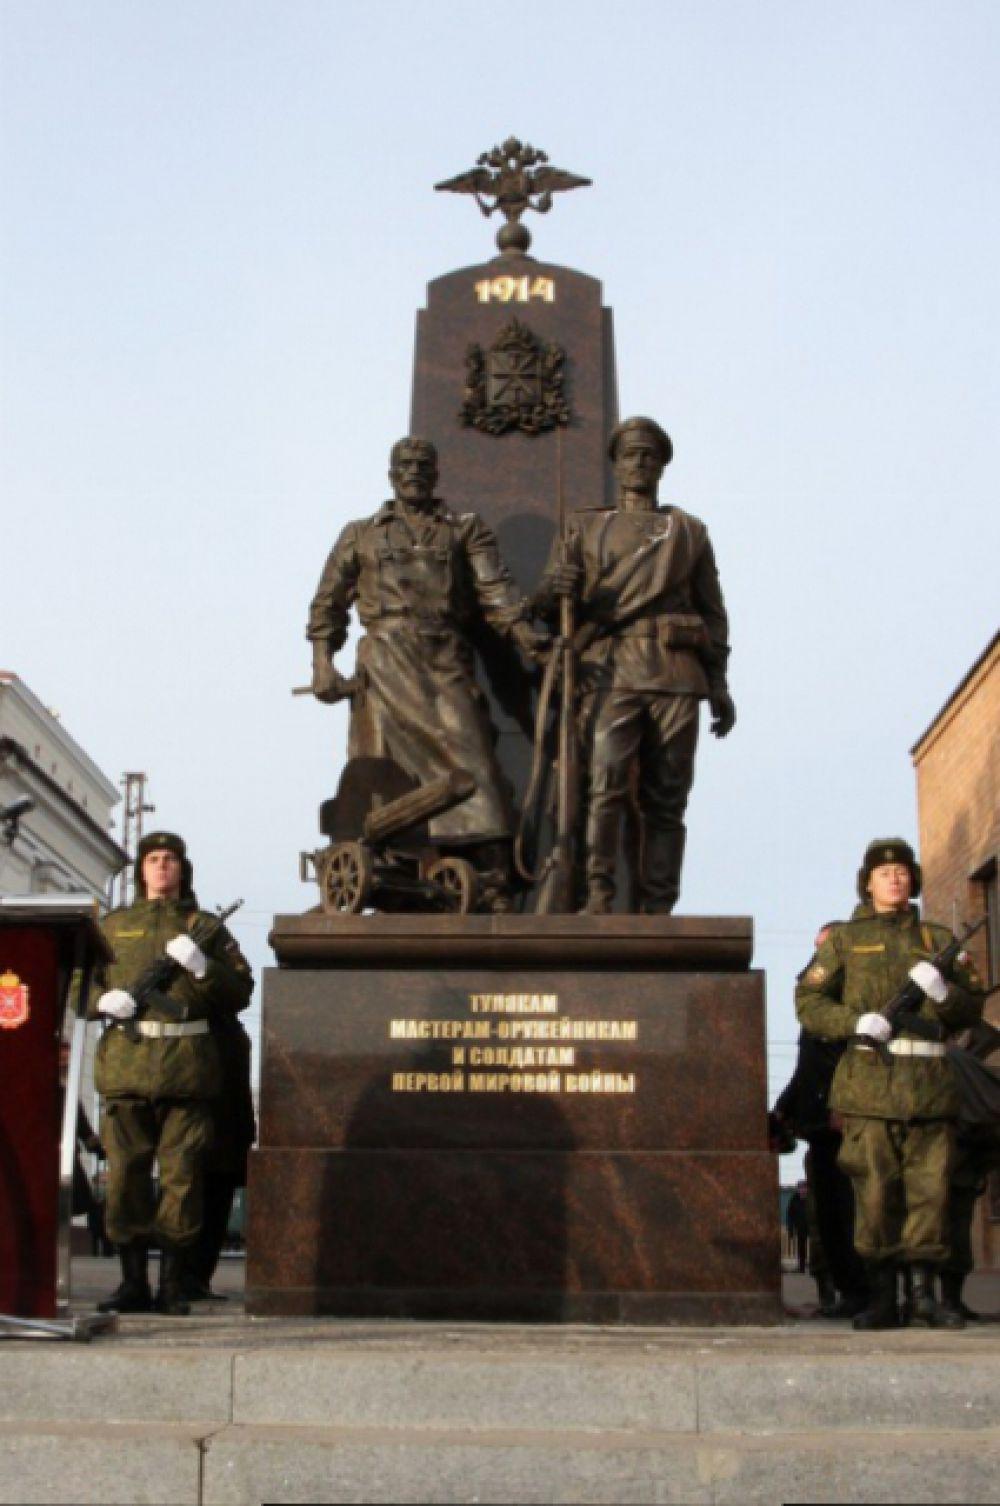 В 2014 году в Ленинградской, Калужской и Новгородской областях были обнаружены останки 734 защитников Отечества. 89 имен удалось установить.